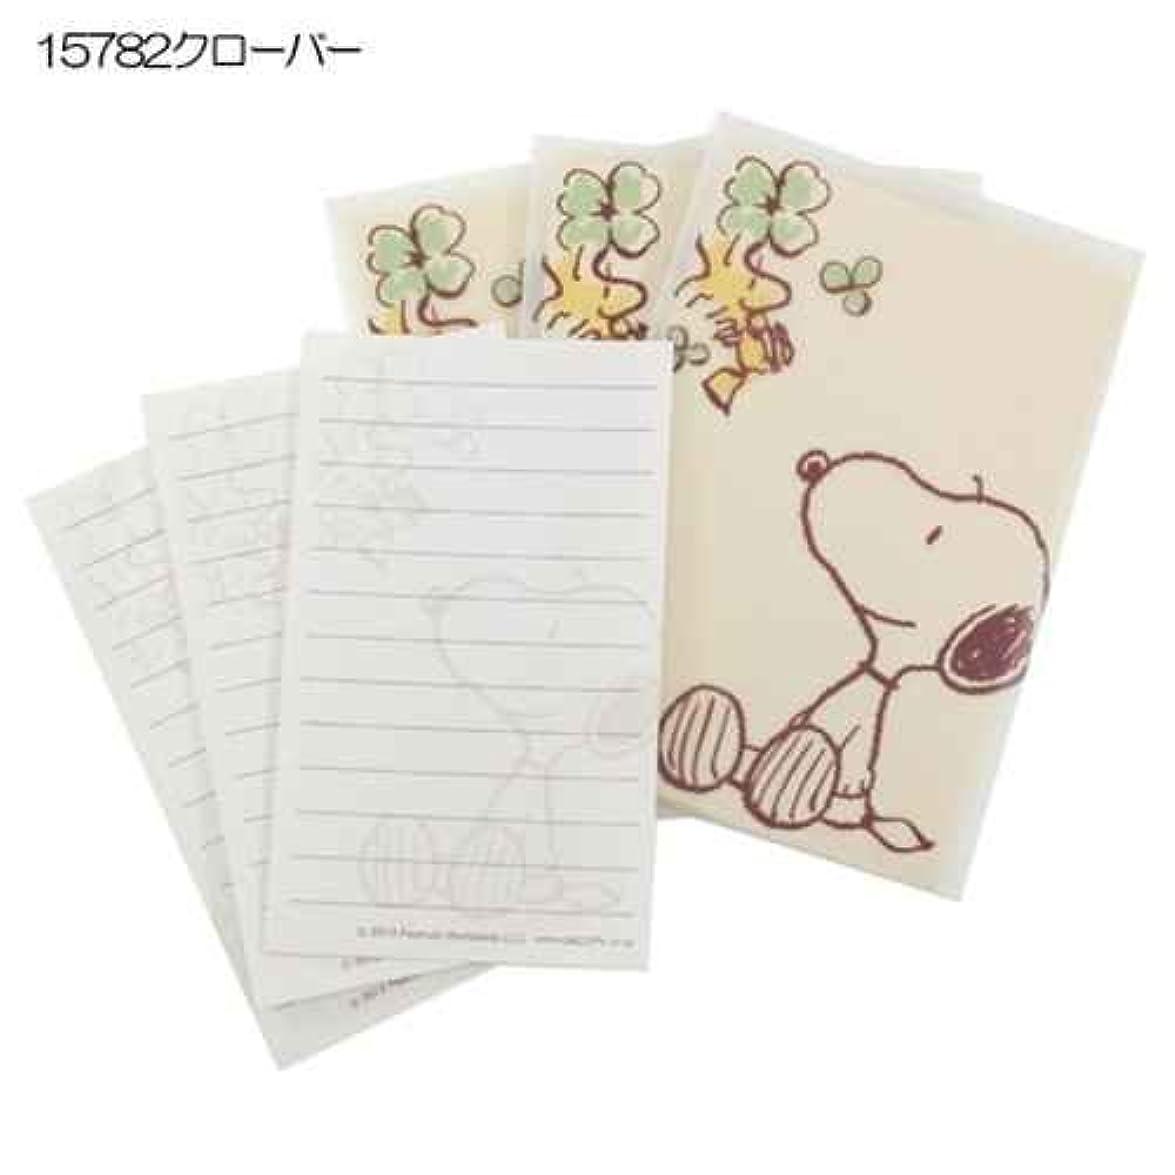 カミオジャパン プチレターセット(ミニ封筒&ミニ便箋) 15782 スヌーピー/クローバー